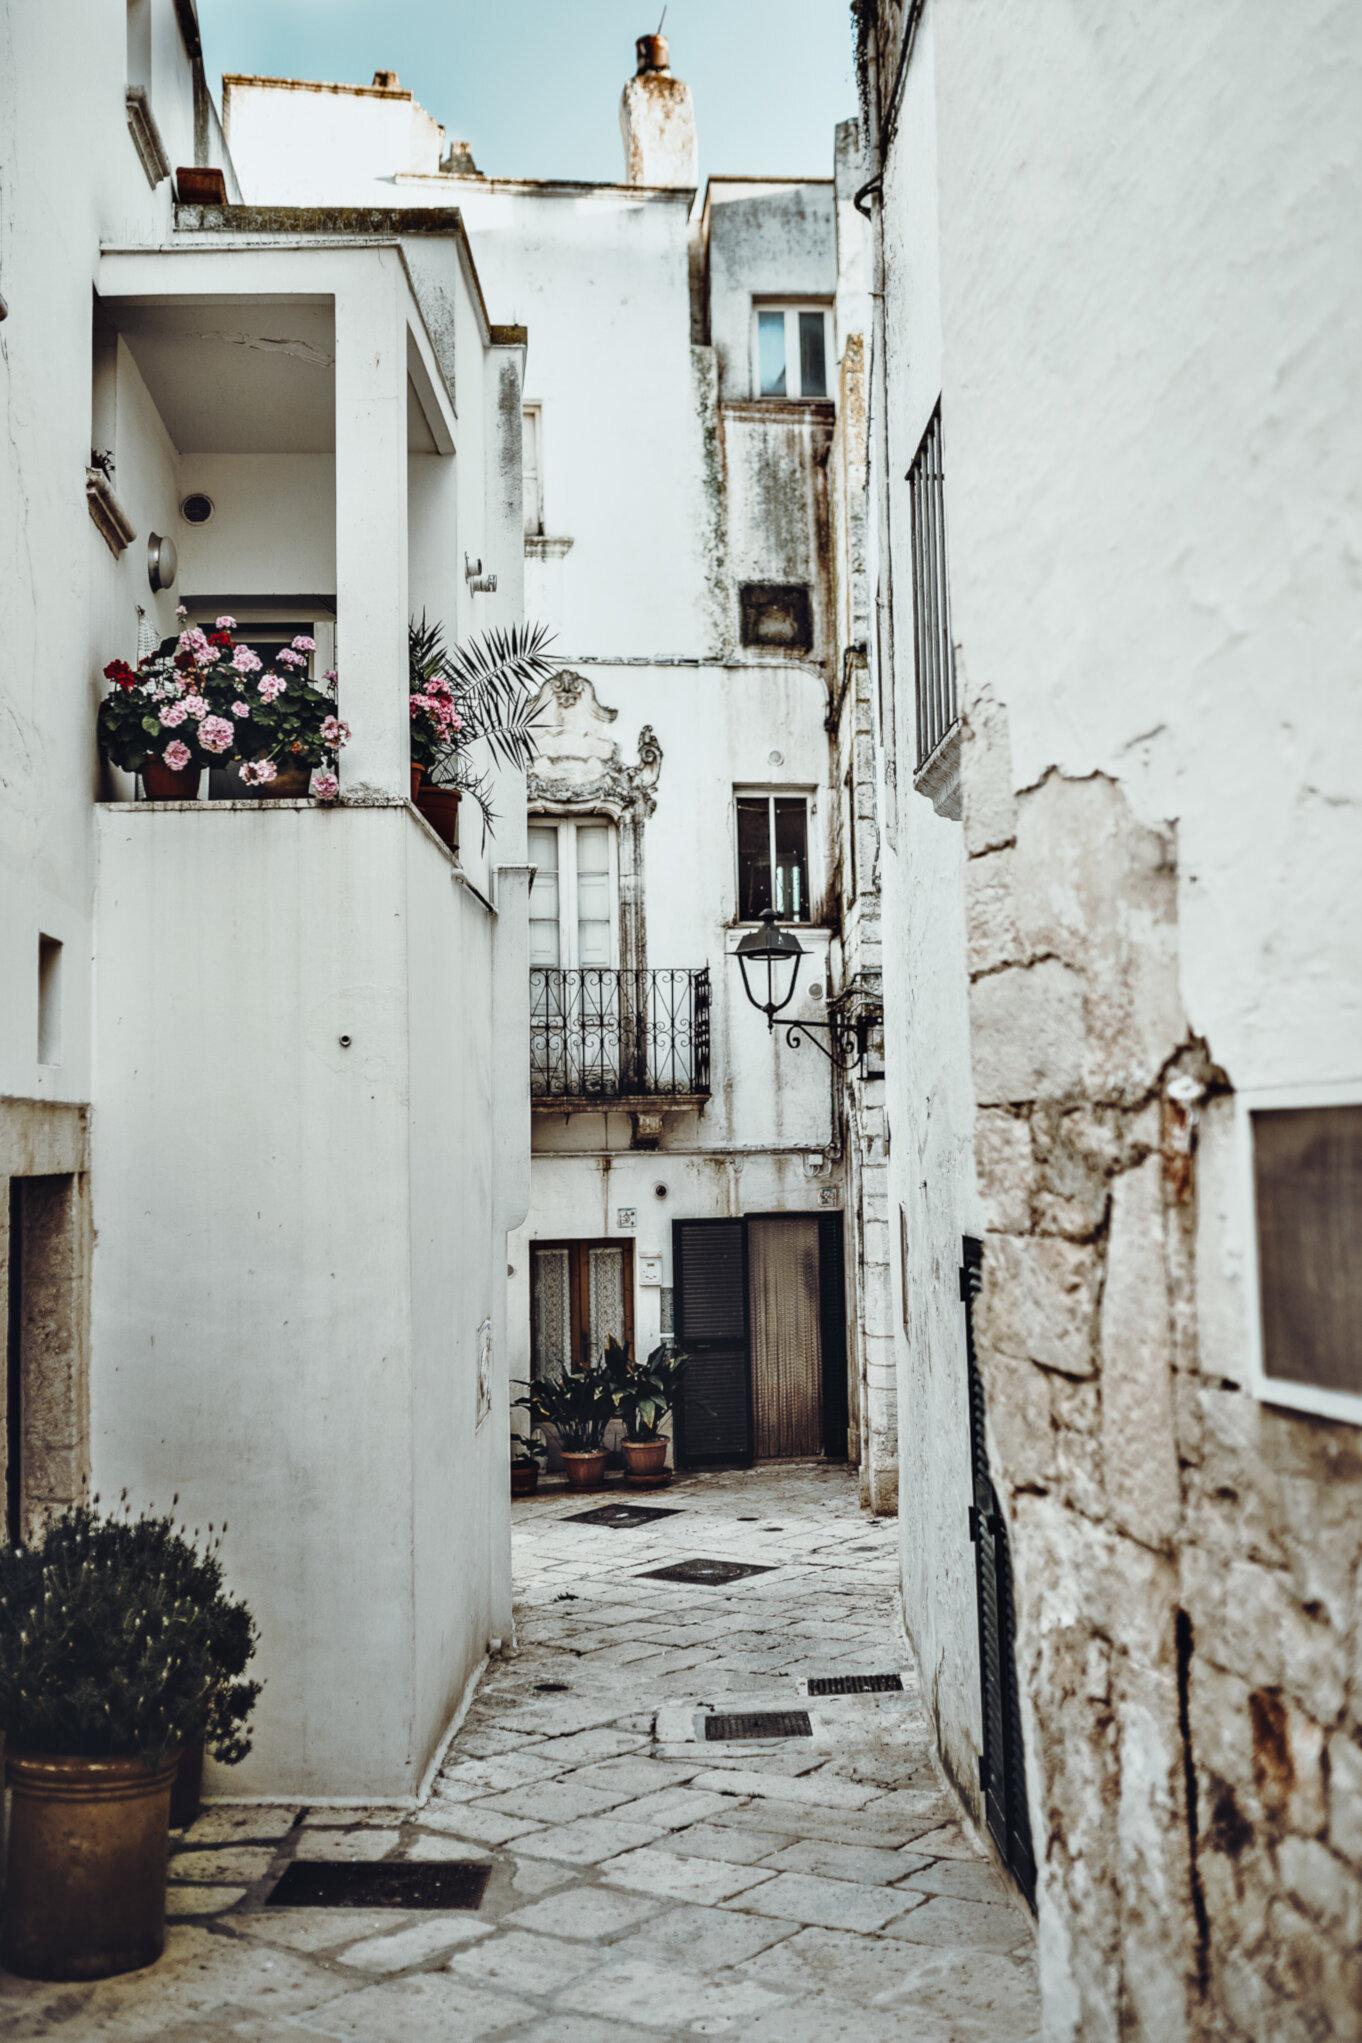 Białe domy w Locorotondo ozdobione kwiatami